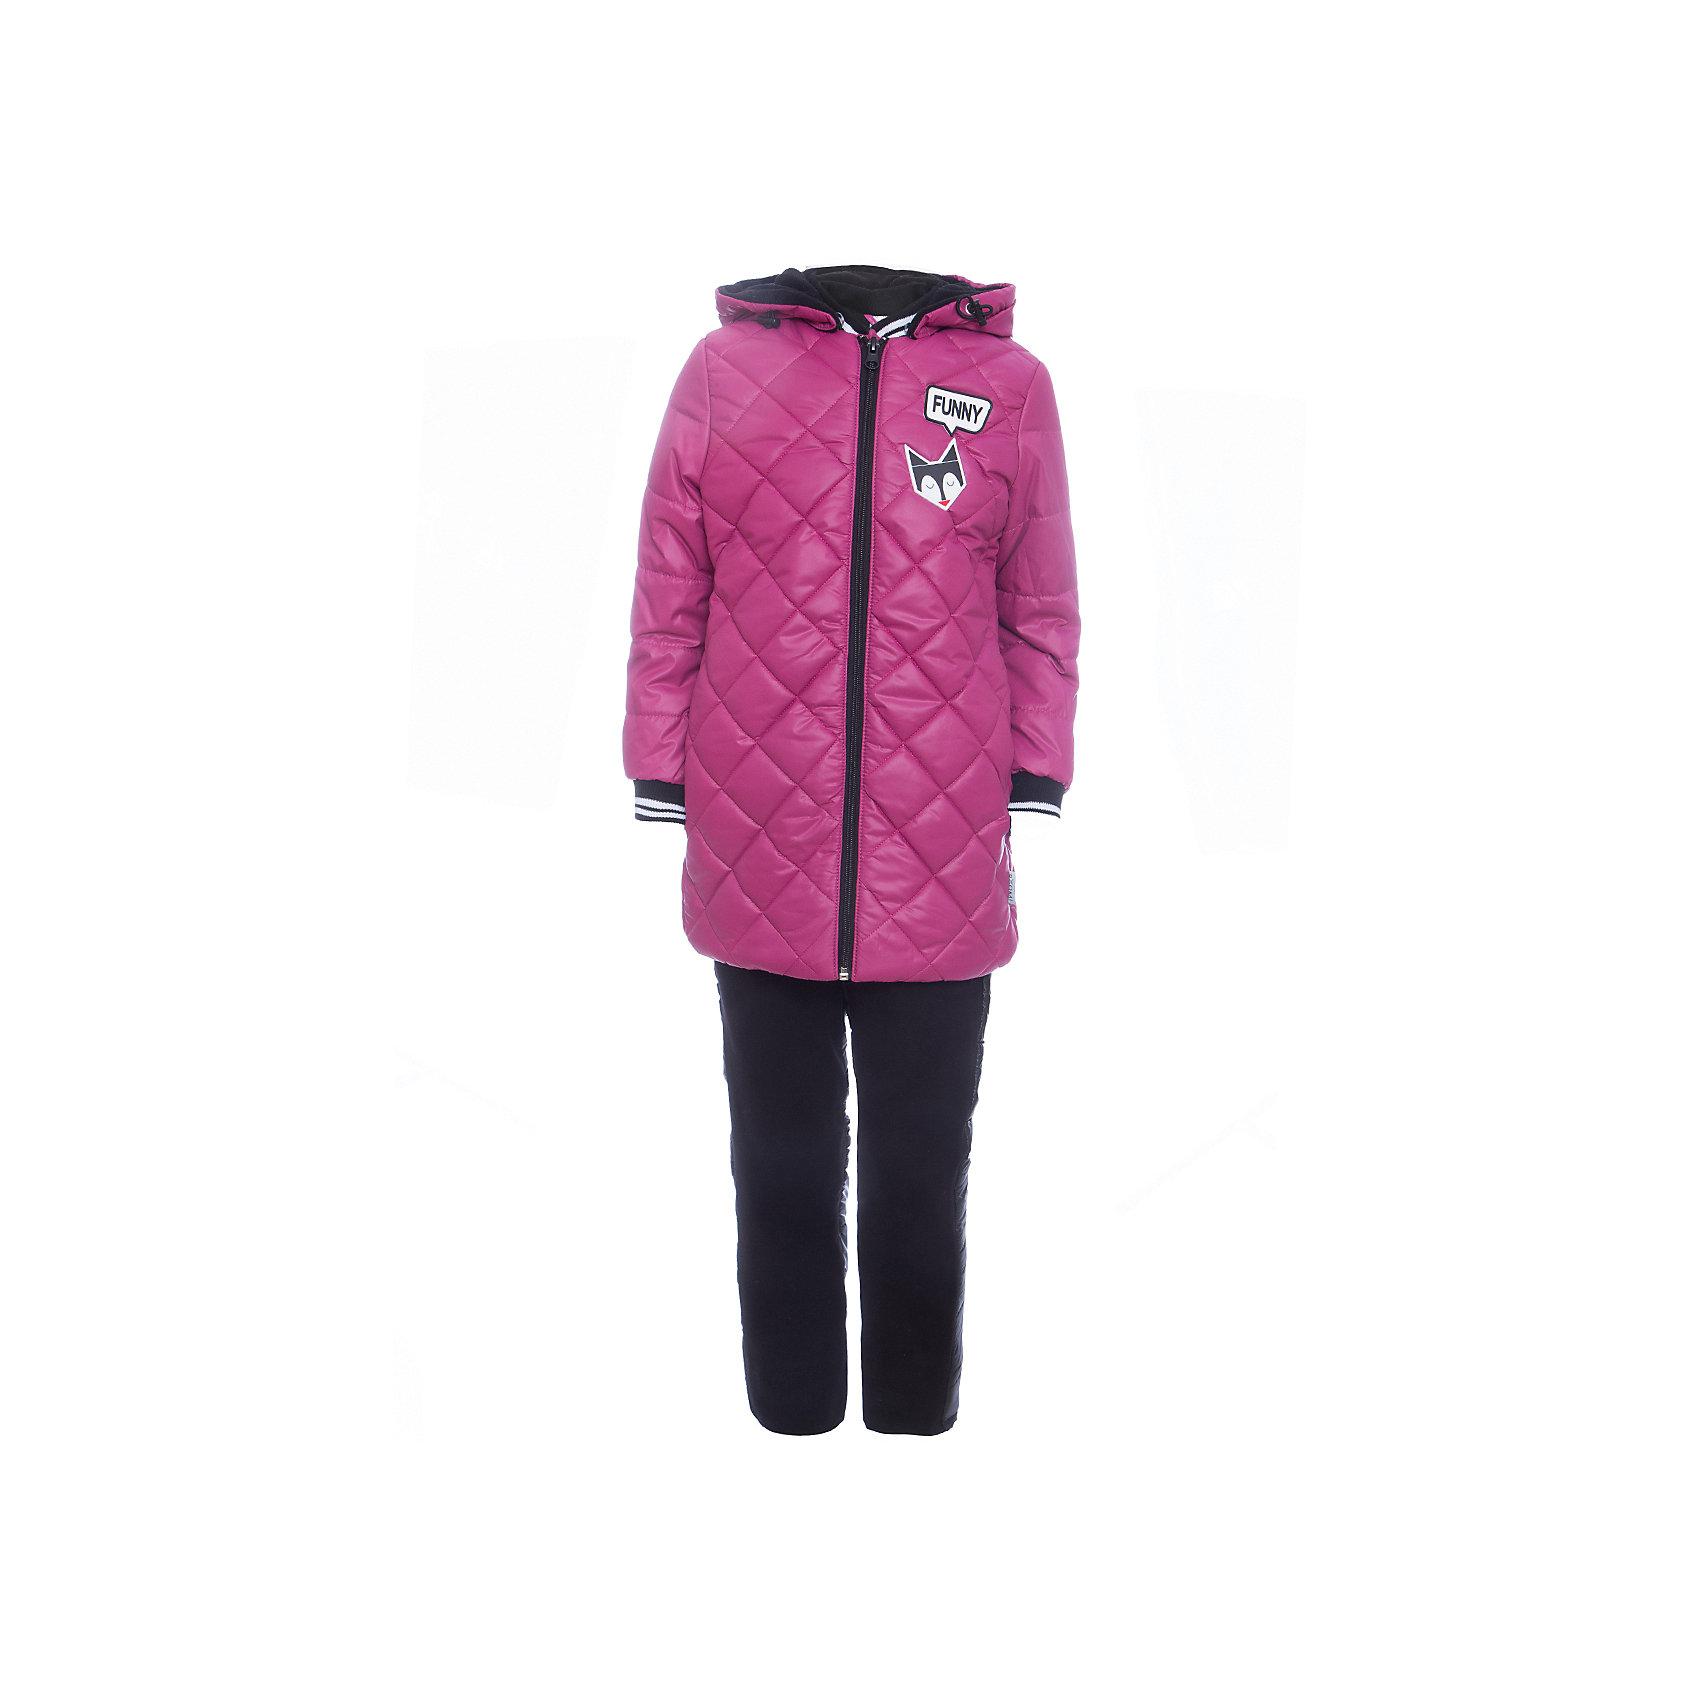 Комплект: куртка и брюки BOOM by Orby для девочкиВерхняя одежда<br>Характеристики товара:<br><br>• цвет: фиолетовый<br>• ткань верха: куртка - Таффета oil cire pu milky, брюки - Болонь pu milky<br>• подкладка: куртка - Флис; ПЭ пуходержащий; брюки - ПЭ пуходержащий<br>• утеплитель: куртка - Эко синтепон 200 г/м2; брюки - Эко синтепон 80 г/м2<br>• сезон: демисезон<br>• температурный режим: от -10° до +10°С<br>• особенности куртки: на молнии, стеганая<br>• особенности брюк: на резинке, дутые<br>• капюшон: без меха <br>• страна бренда: Россия<br>• страна изготовитель: Россия<br><br>Хороший утеплитель и плотная ткань верха делает этот демисезонный комплект отлично подходящим для сырой и холодной погоды. Такой тепленный комплект для девочки состоит из куртки с капюшоном и удобных брюк.<br><br>Комплект: куртка и брюки BOOM by Orby для девочки можно купить в нашем интернет-магазине.<br><br>Ширина мм: 356<br>Глубина мм: 10<br>Высота мм: 245<br>Вес г: 519<br>Цвет: лиловый<br>Возраст от месяцев: 36<br>Возраст до месяцев: 48<br>Пол: Женский<br>Возраст: Детский<br>Размер: 104,122,116,110,98,92,86<br>SKU: 7007632